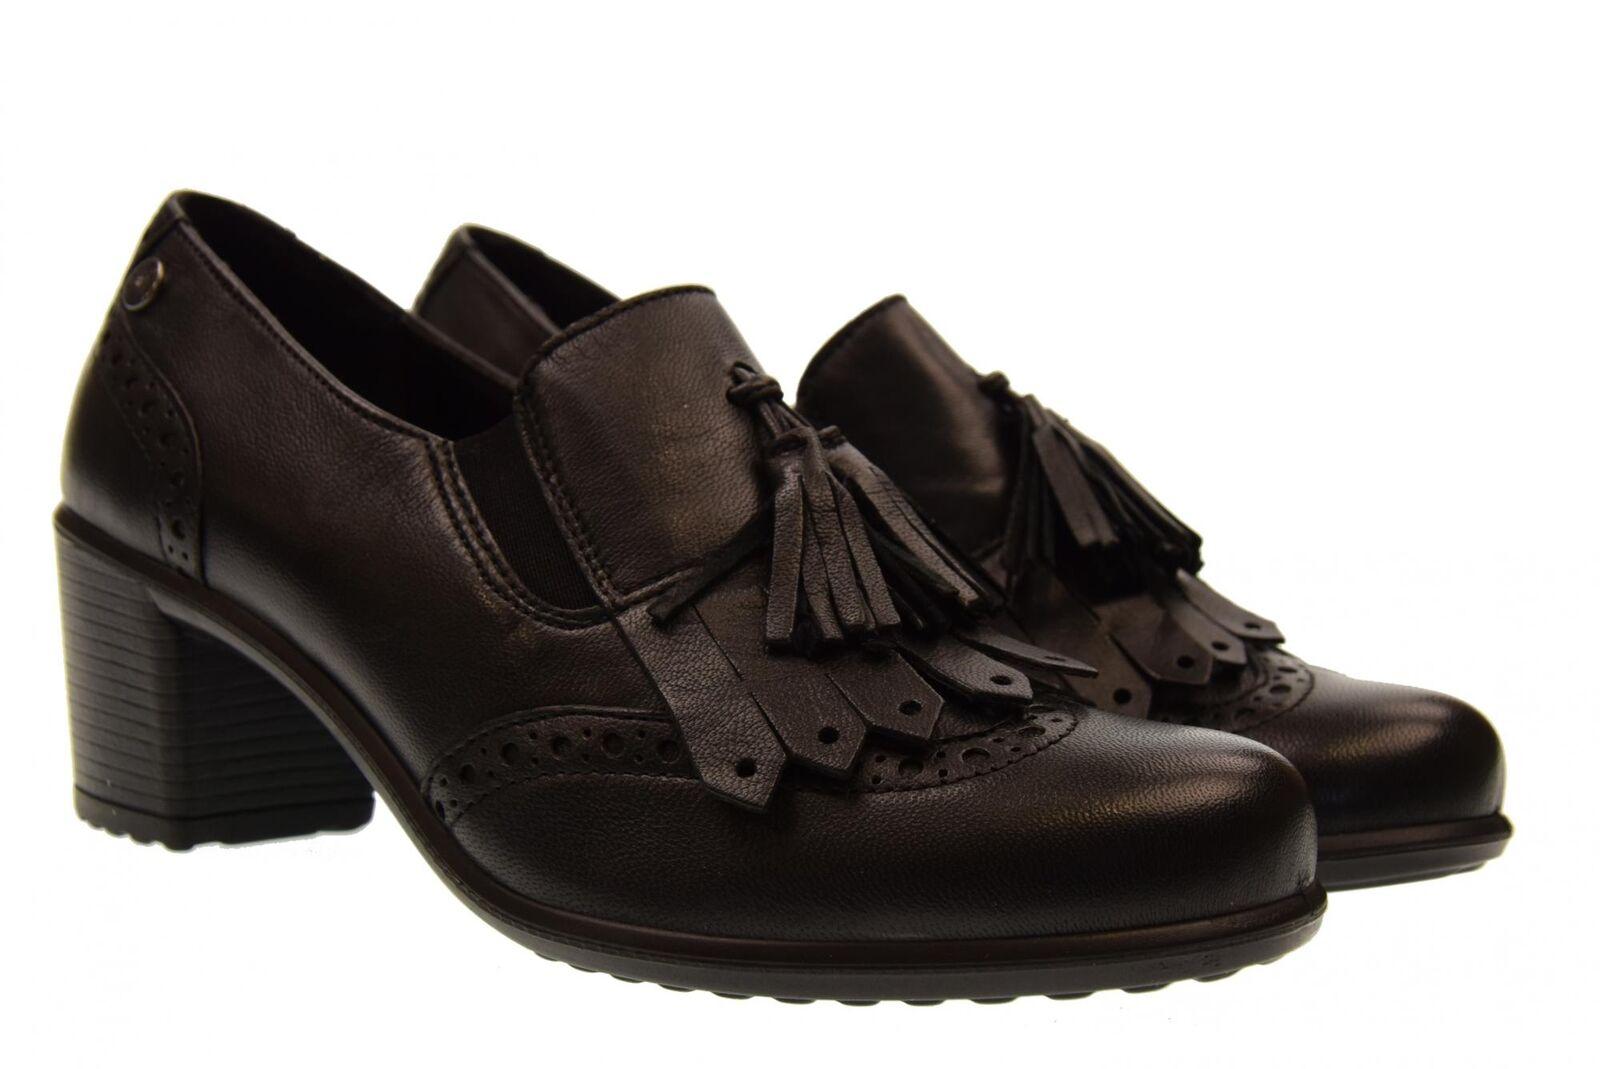 Enval Soft scarpe donna decolletè A18 con frange 2252955 A18 decolletè c44051